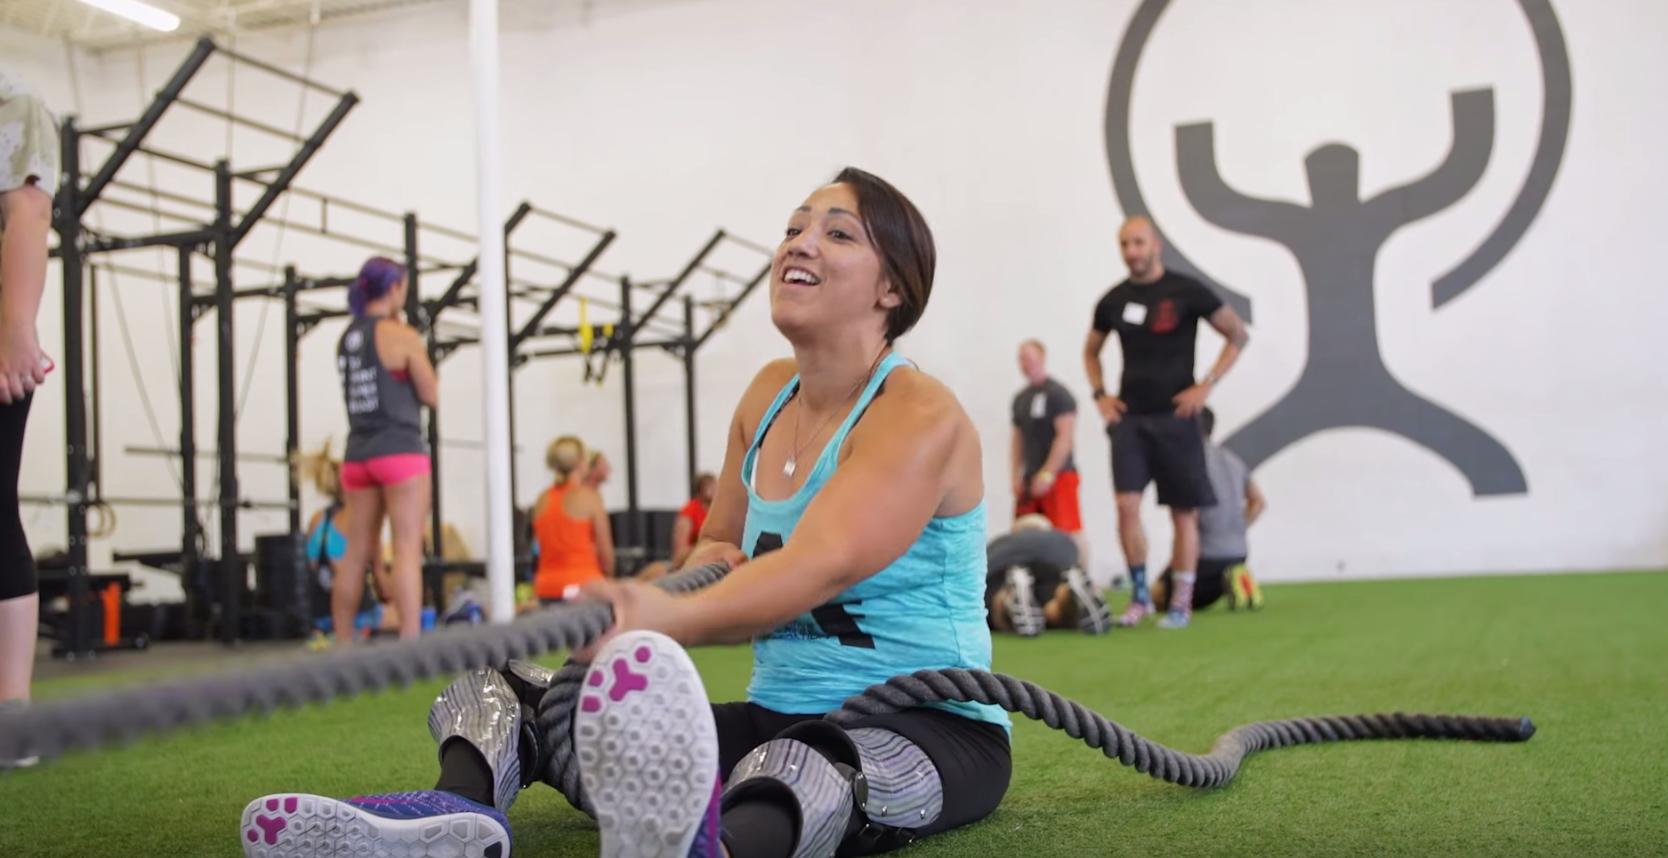 極限まで「残された肉体」を追い込む、障害者のためのトレーニングジム